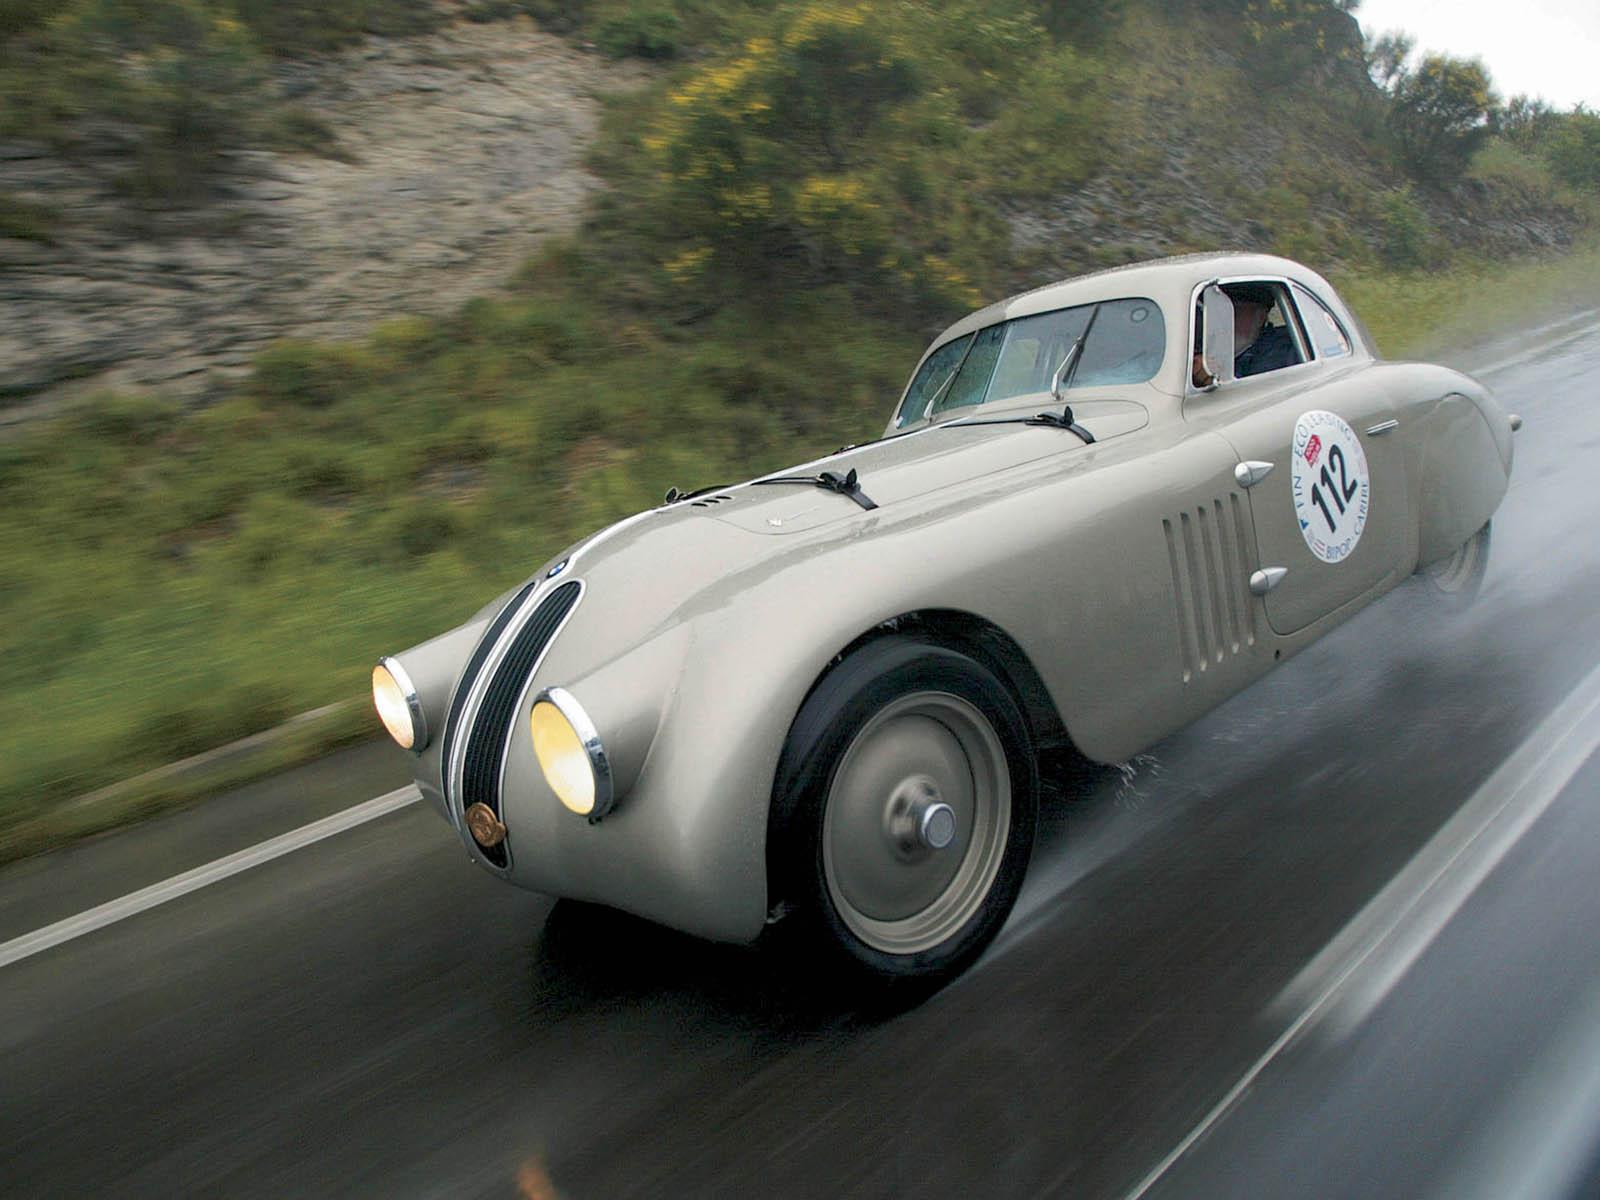 Még a háború előtt kipróbálták magukat a versenysportban, sikerrel: 1938-ban a BMW 328 nyert a Mille Miglián. Lett volna folytatása is, ha nem jön közbe a háború.